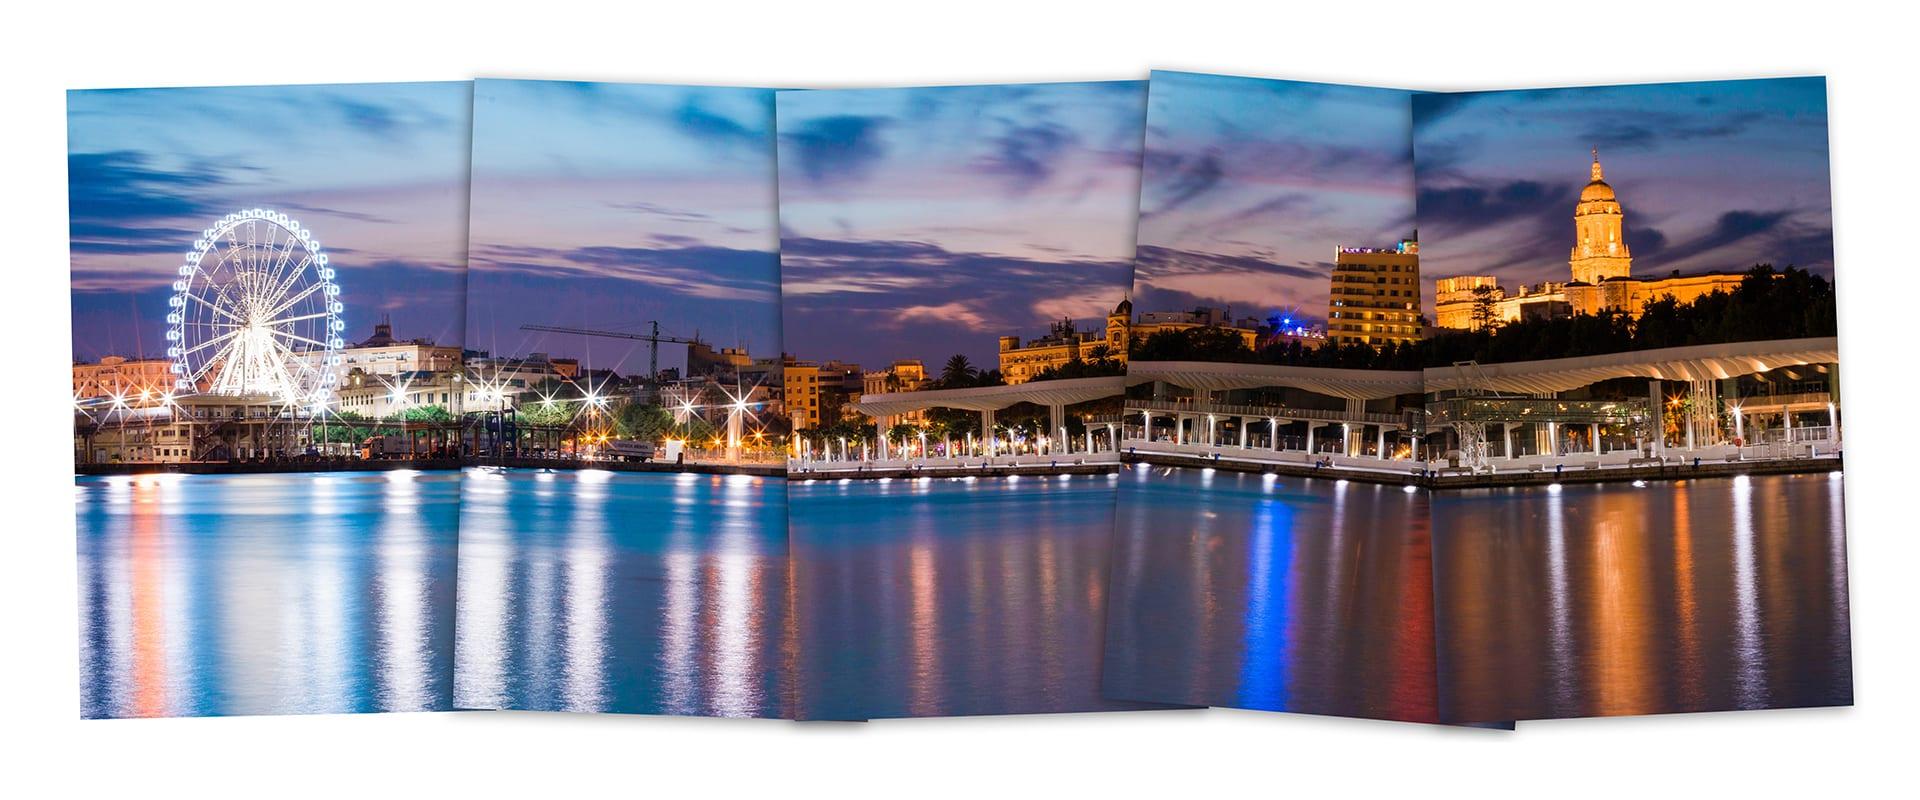 Einzelbilder einer Stadt bei Nacht an einem Fluss